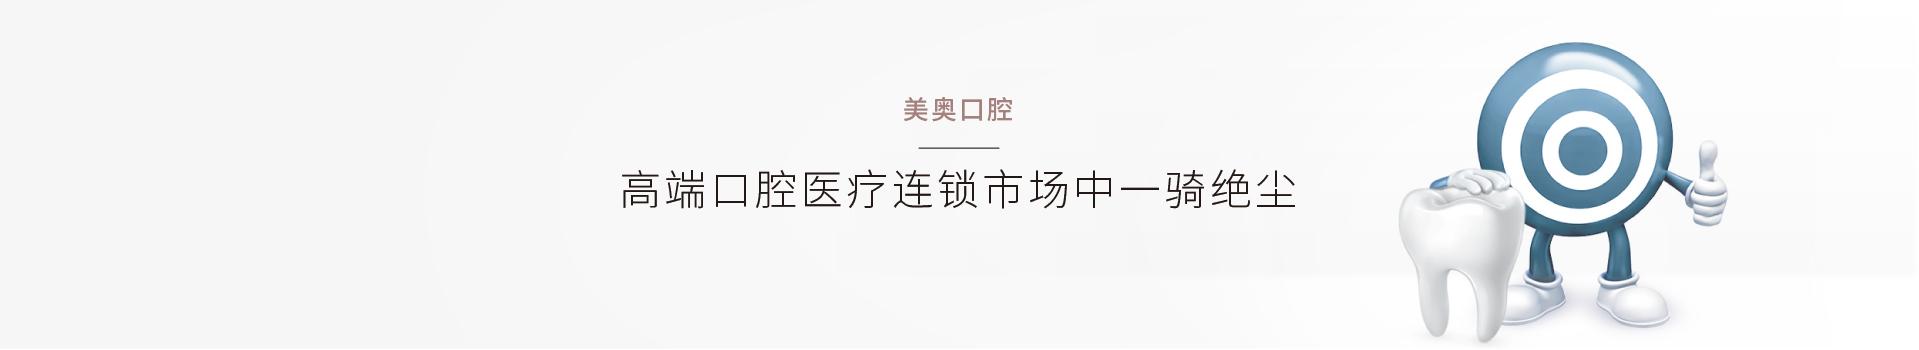 美奧(ao)口腔(qiang)品牌定位策劃案例(li),奇正(zheng)沐古為美奧(ao)口腔(qiang)專門定制(zhi)了品牌策劃方案,門店數量(liang)增加,獲客成本降低,各項指(zhi)標(biao)均超出預(yu)期。